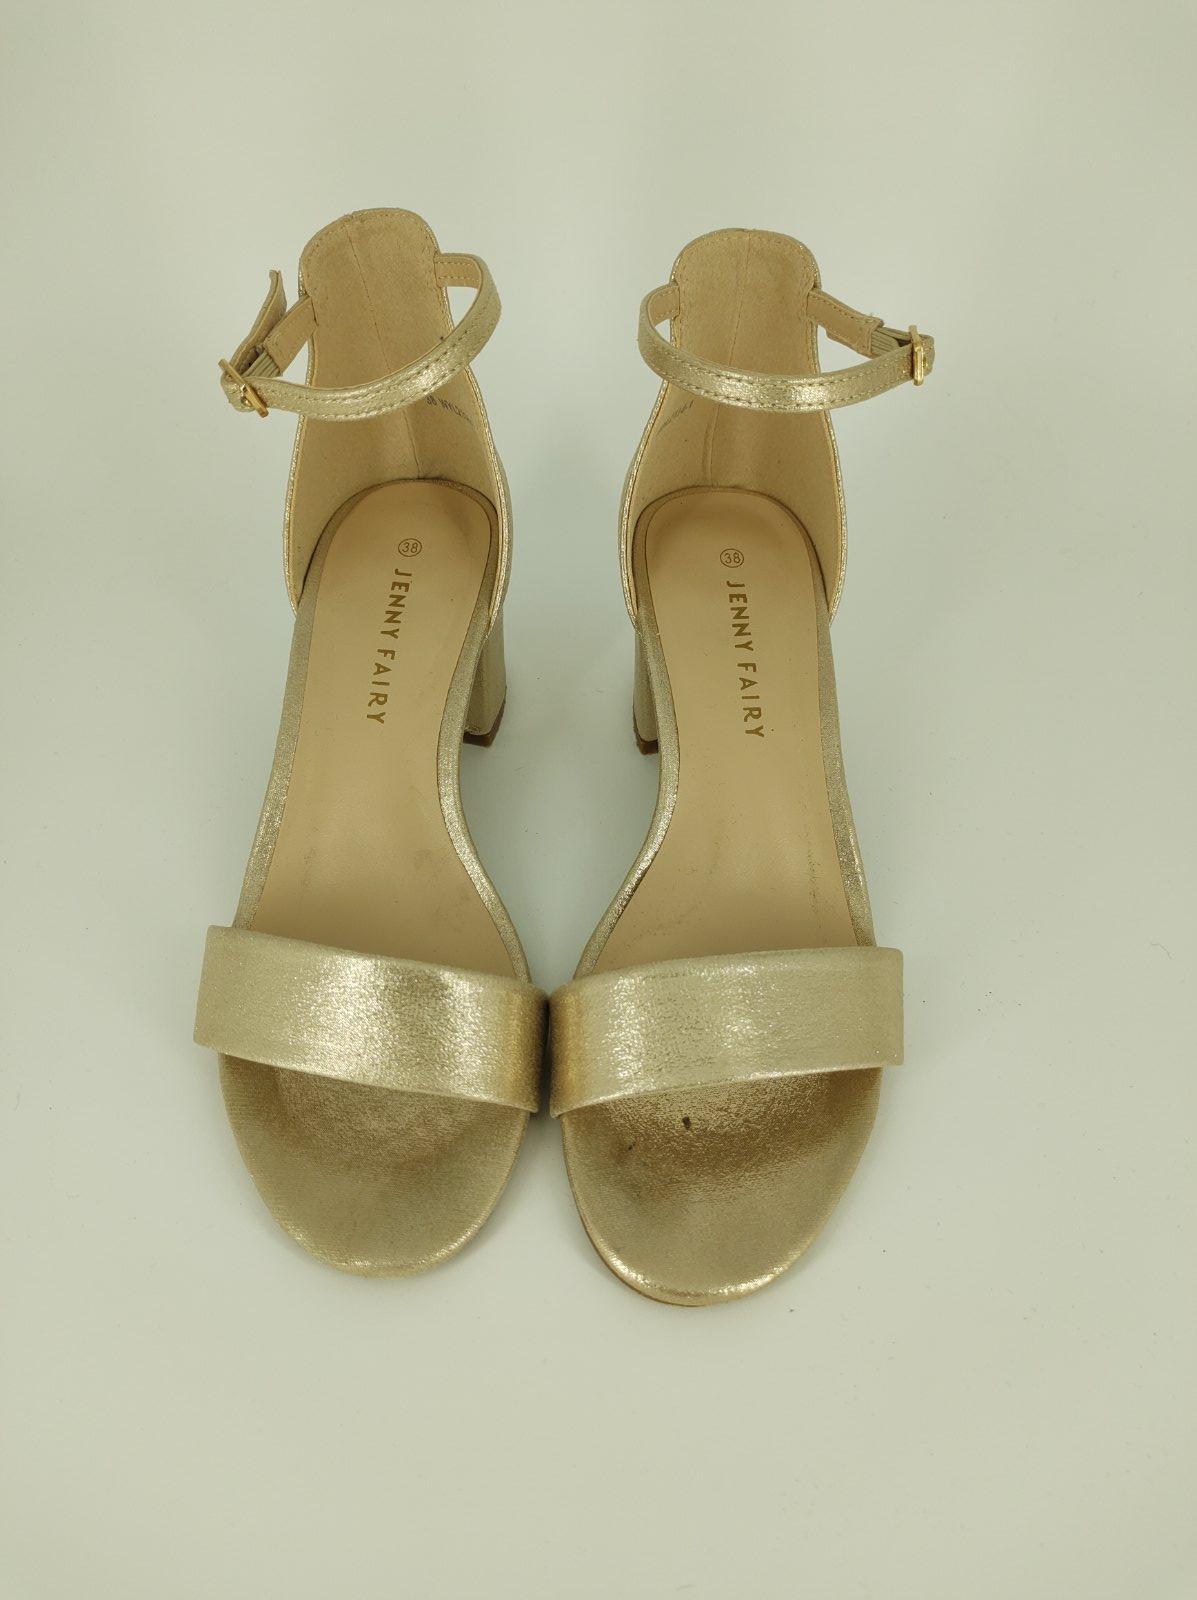 Zlaté sandále - Obrázok č. 1